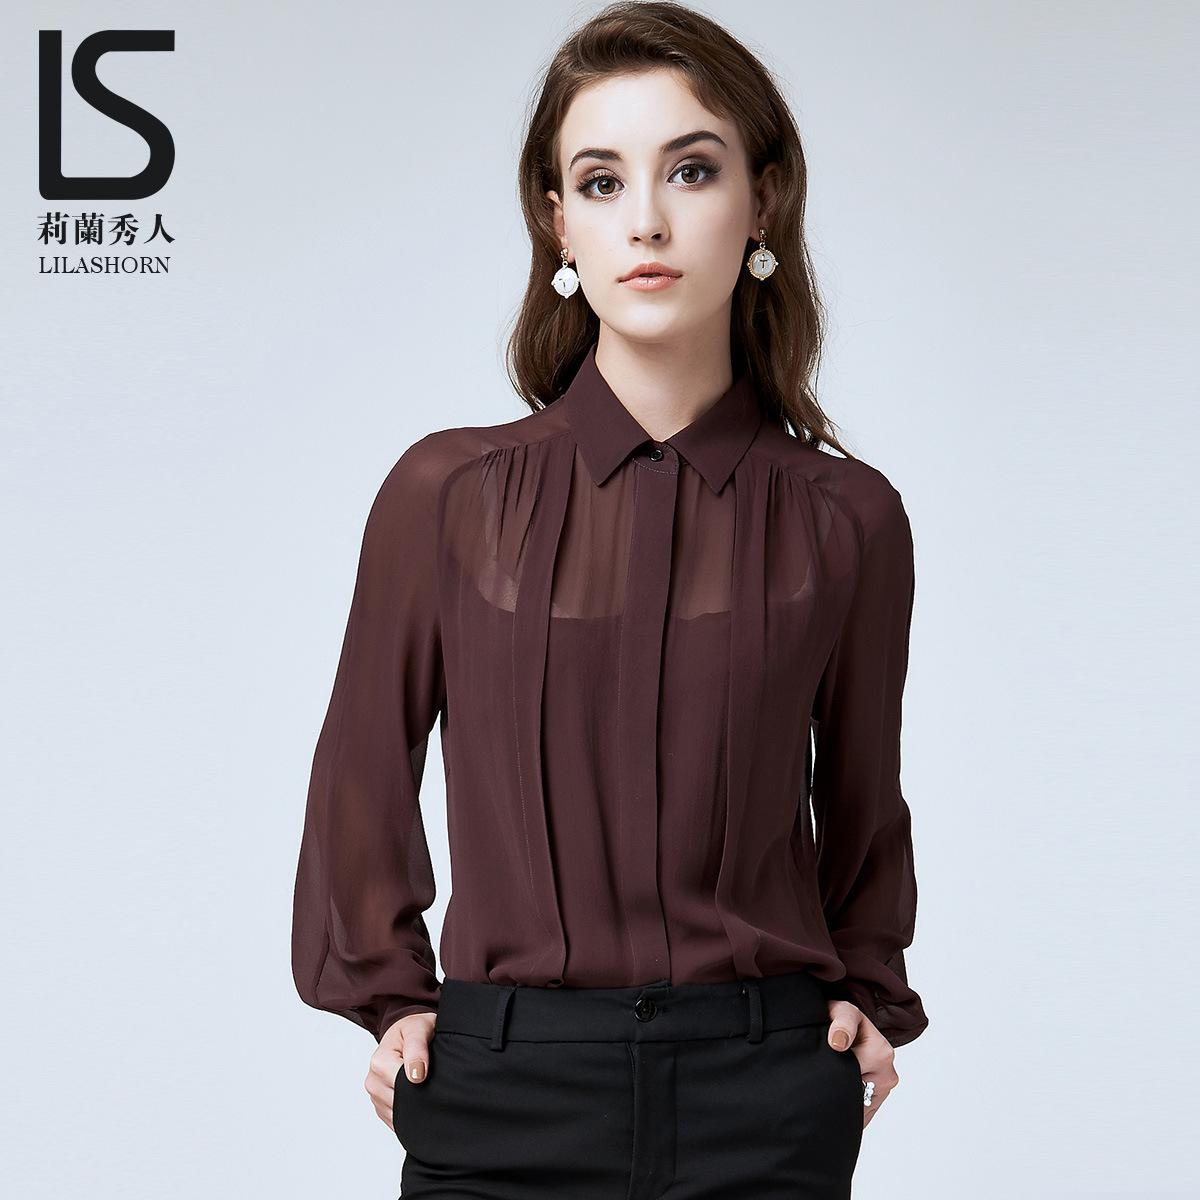 Shirt design female - Lilan Hideto 2015 Hitz Original Design Women Autumn Jacket In 100 Silk Shirt Female